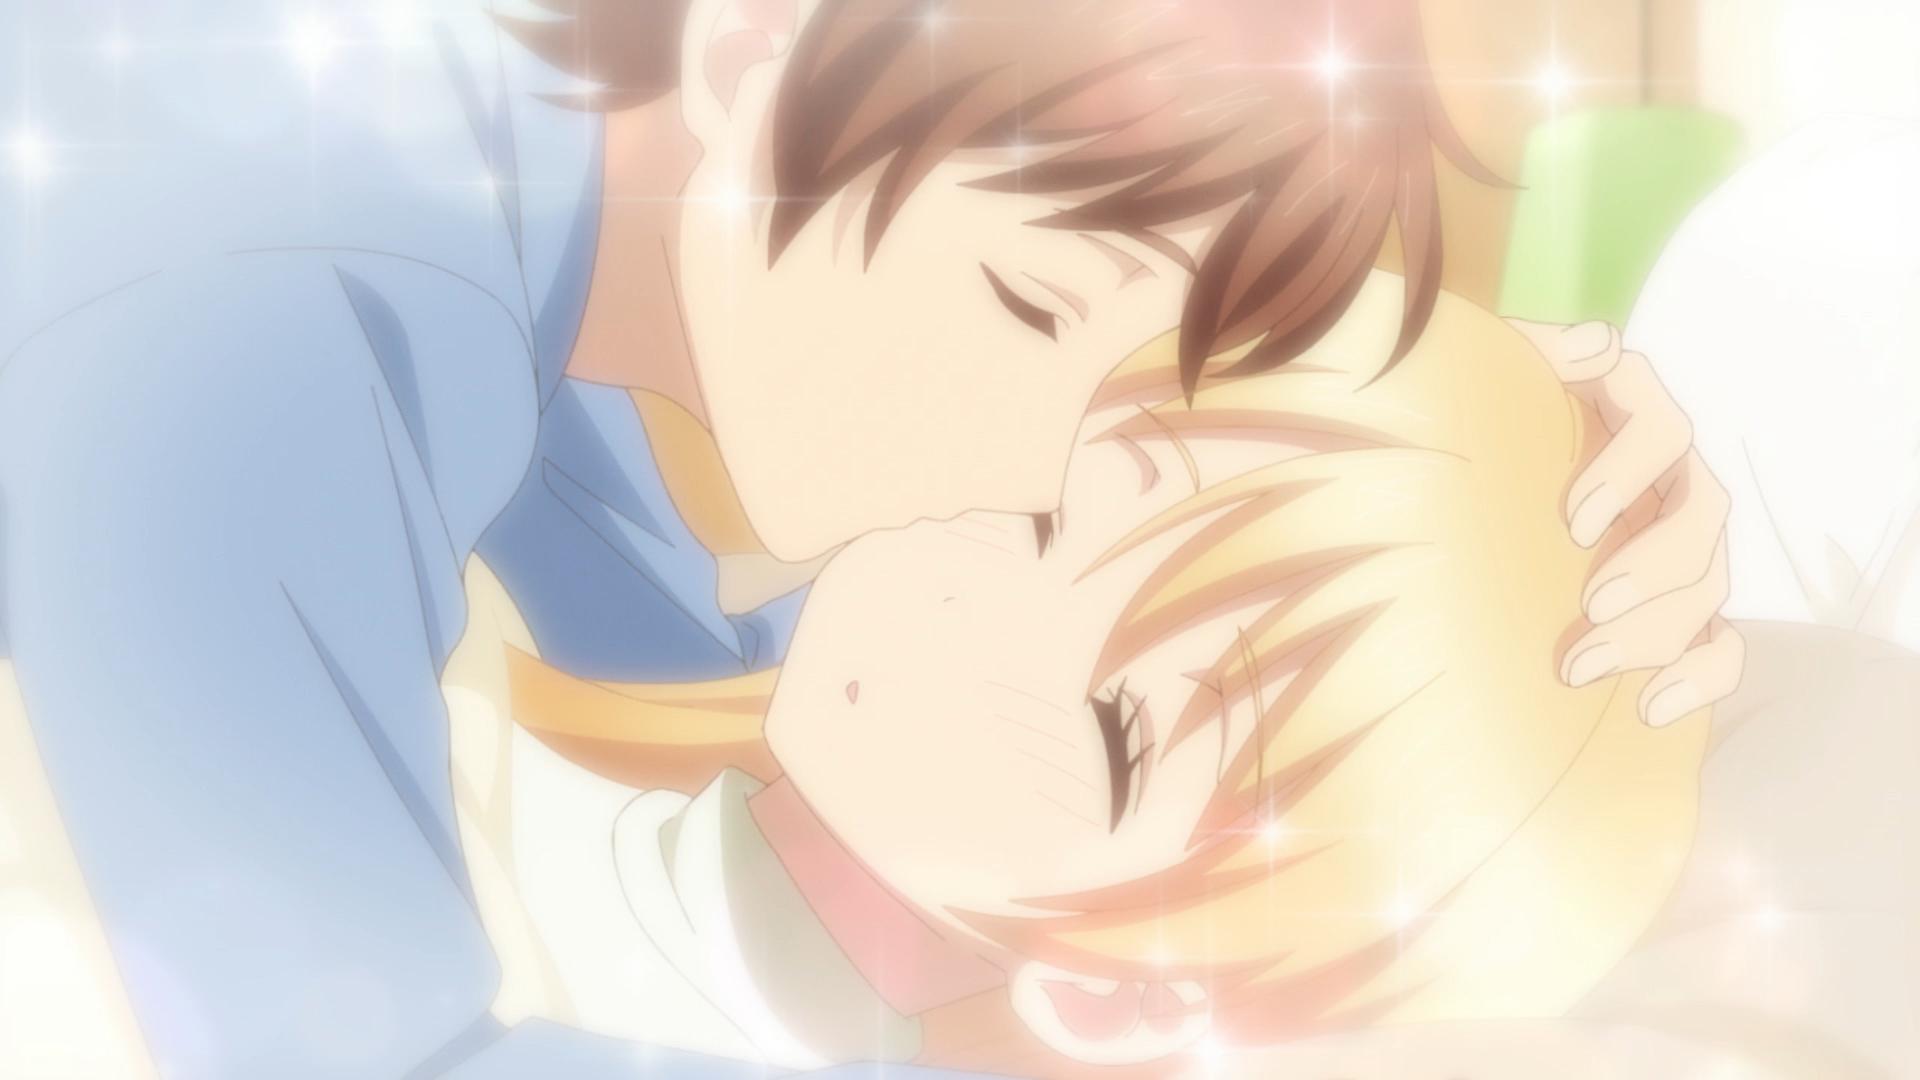 Sailor Moon Futa Hentai